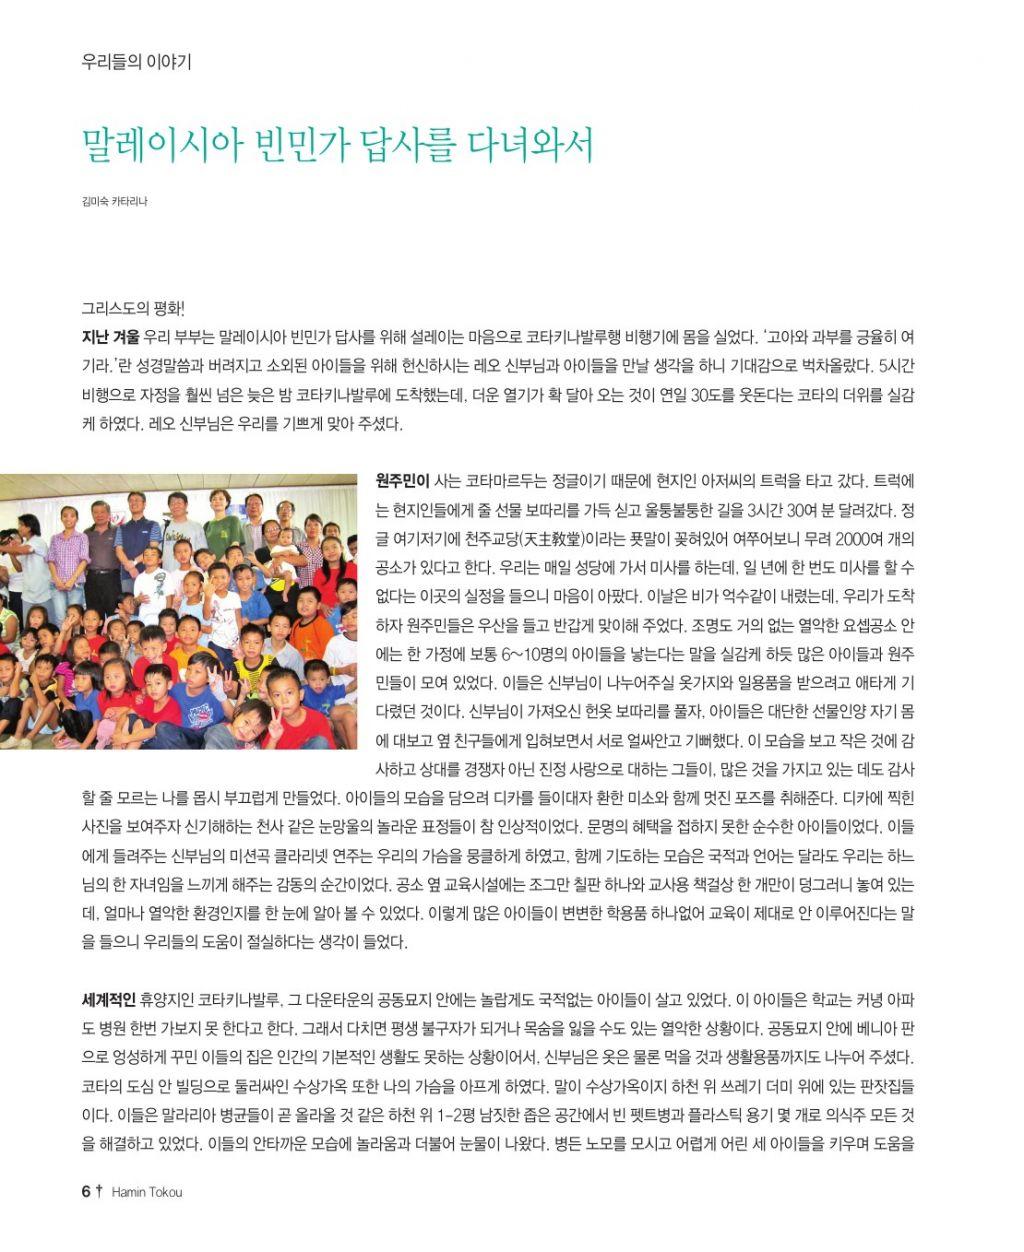 미리내 소식지 2014_겨울호 수정-6.jpg